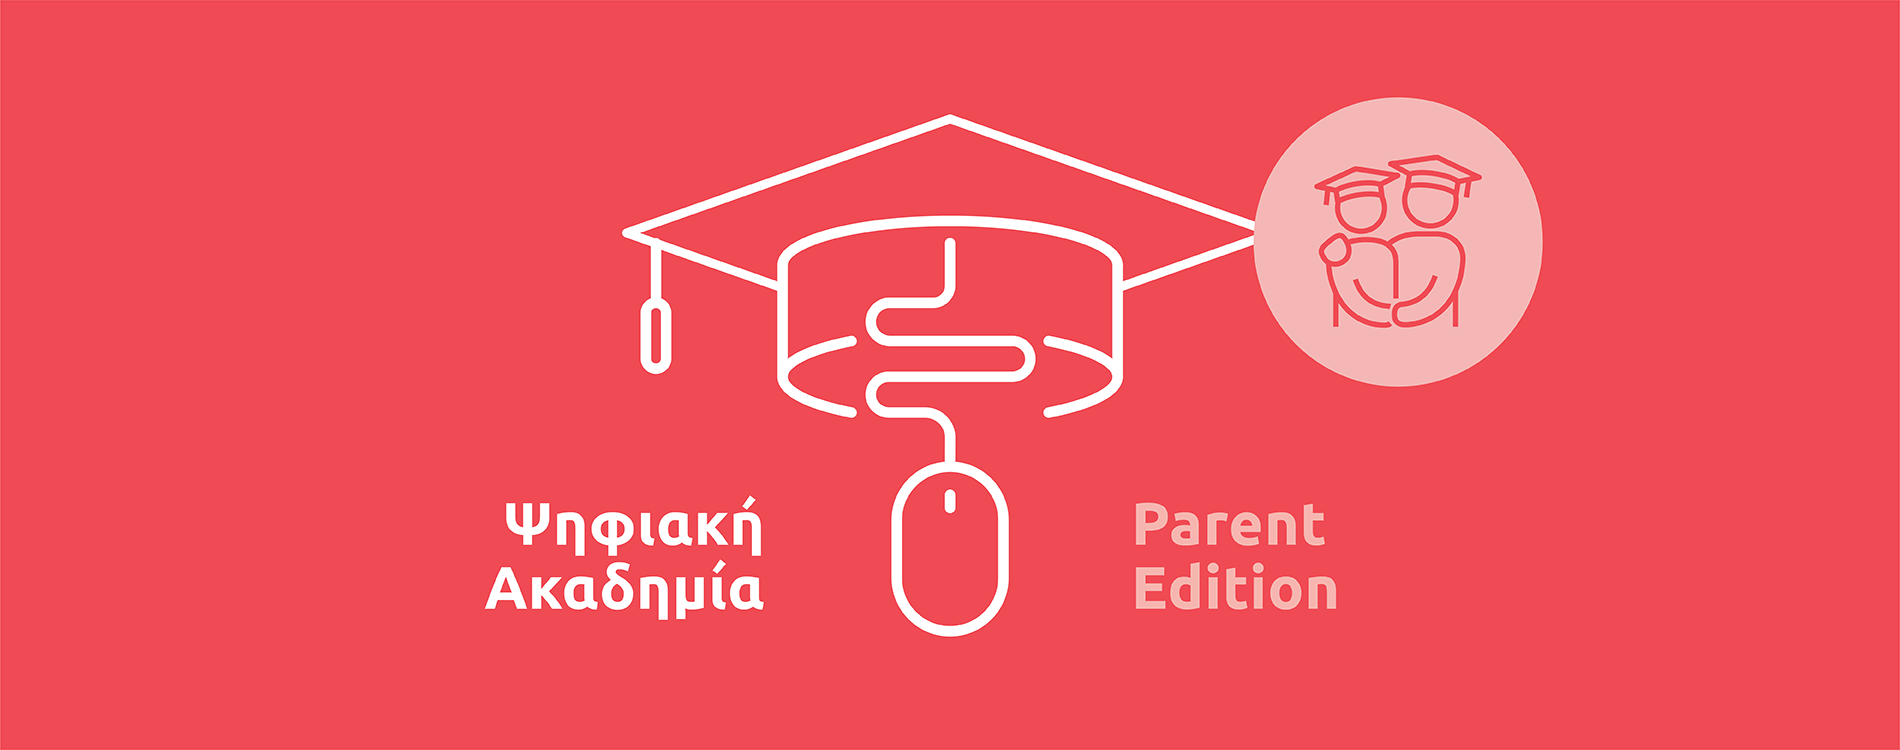 Ξεκινά η Ψηφιακή Ακαδημία: Parent Edition από τη Eurolife FFH και το CSIi